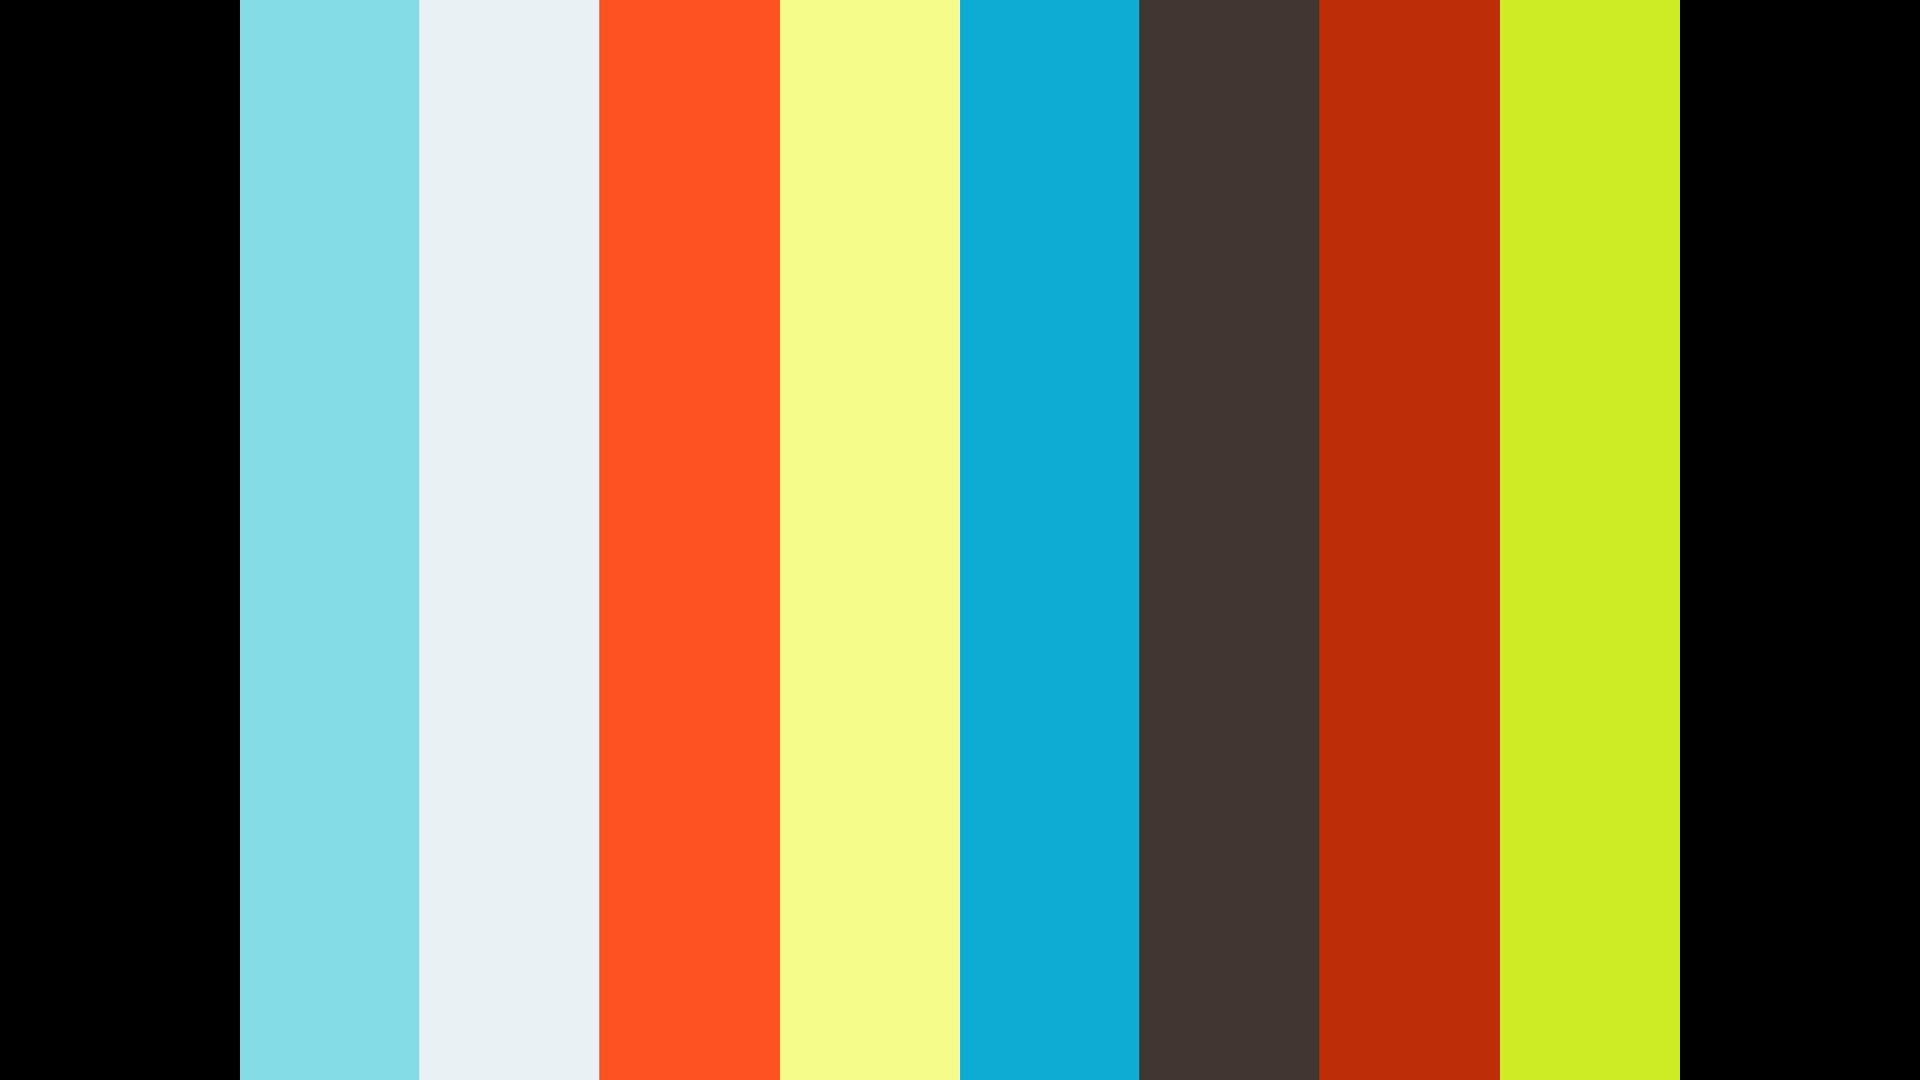 3.1 Symbol Explorer - Views